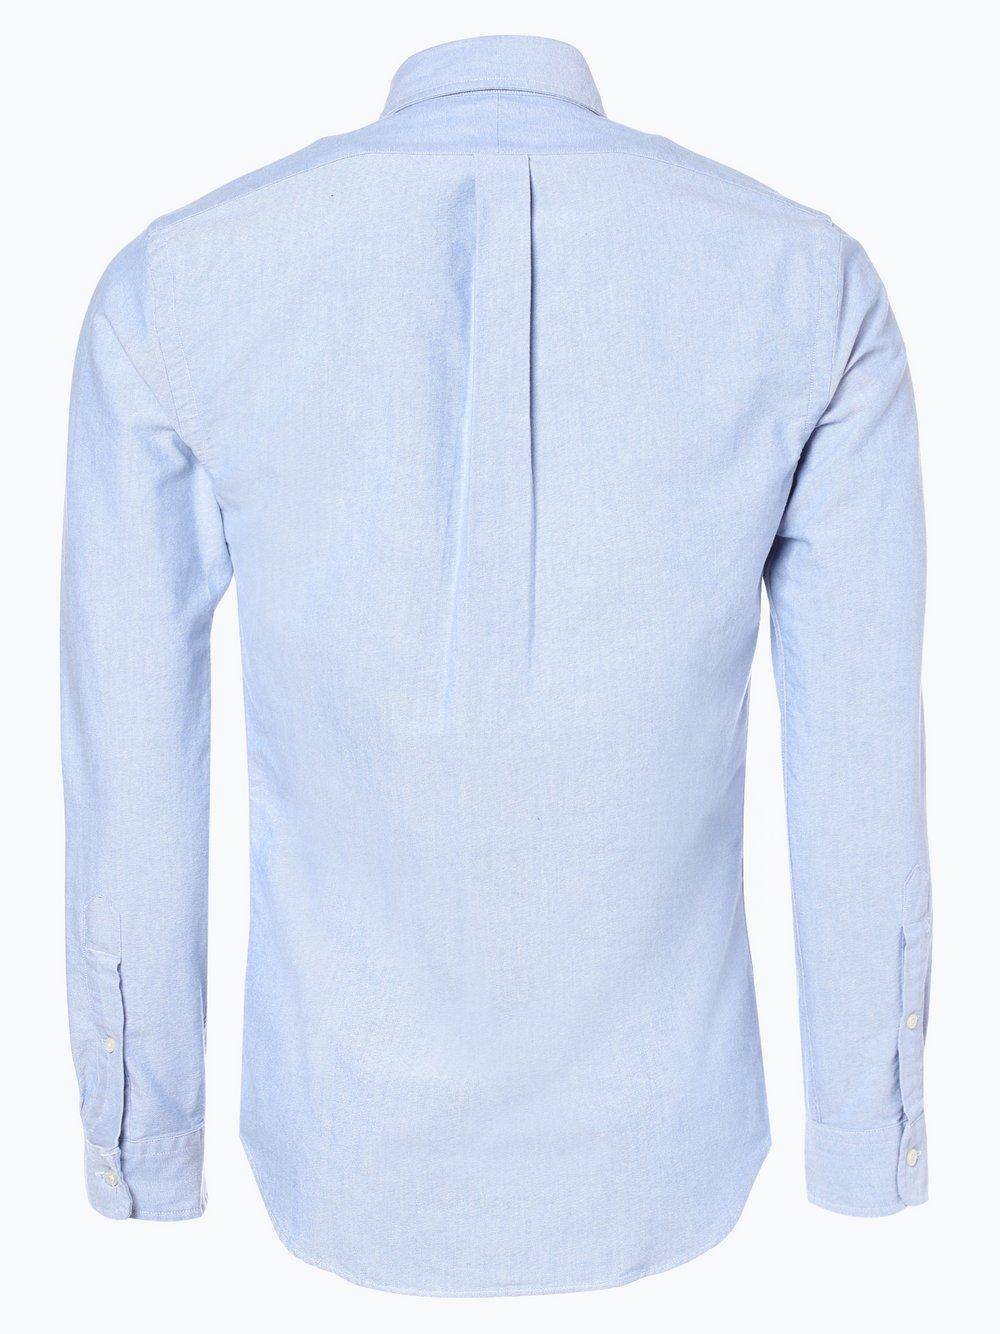 Polo Ralph Lauren Koszula męska kup online | VANGRAAF.COM  mAN35